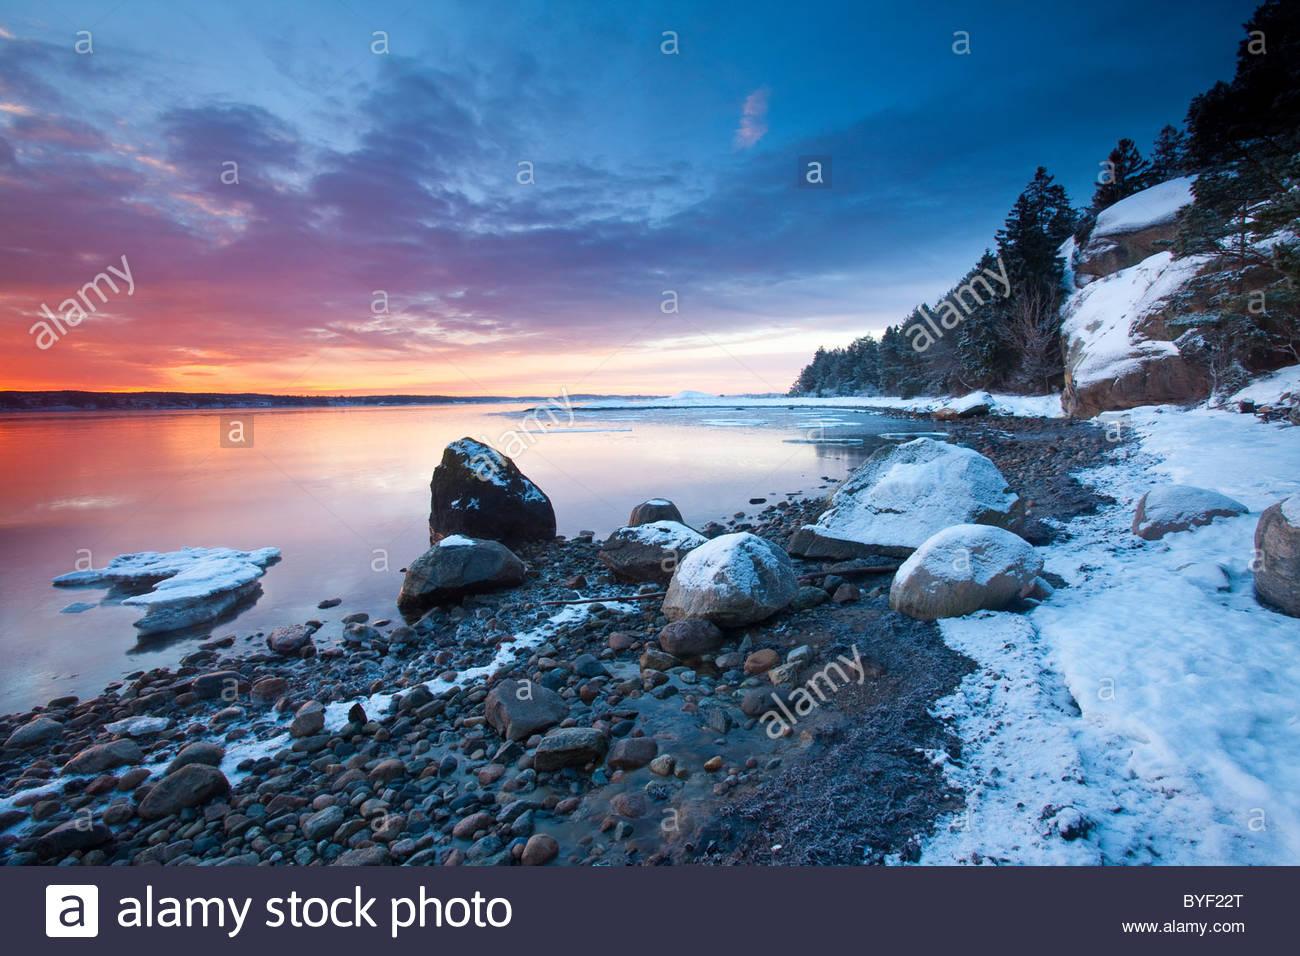 Incredibile inverno sunrise dall'Oslofjord al forno in Råde, Østfold fylke, Norvegia sudorientale. Immagini Stock